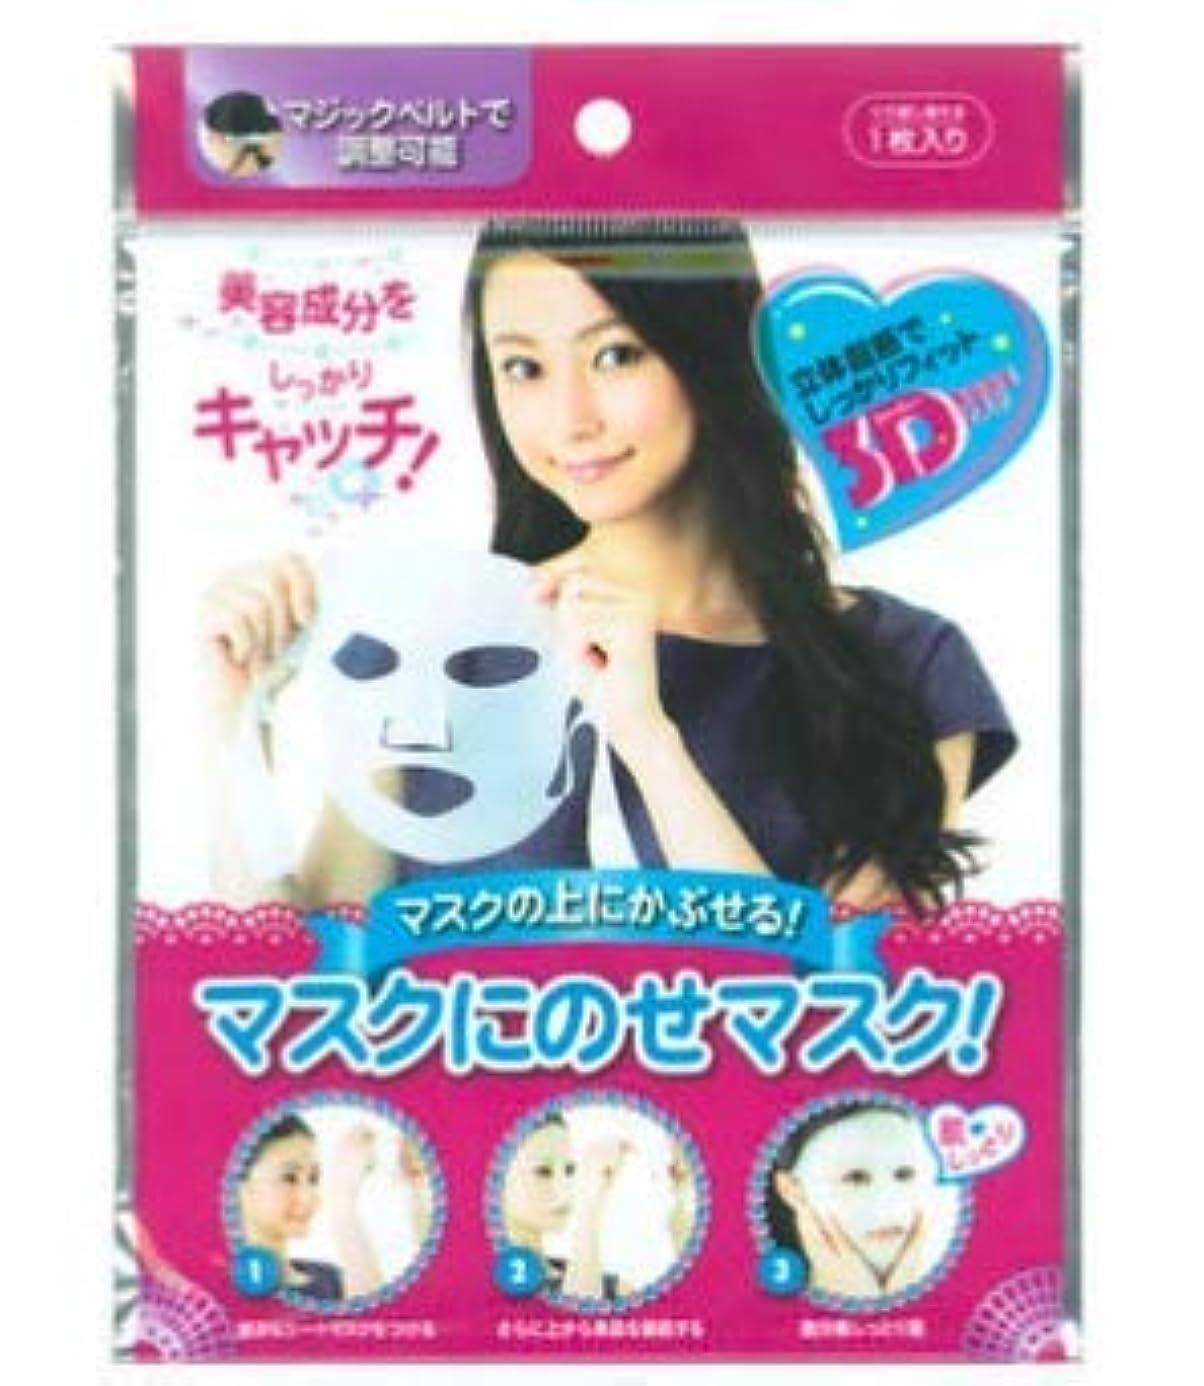 一部発行する要旨コスメット マスクにのせマスク!